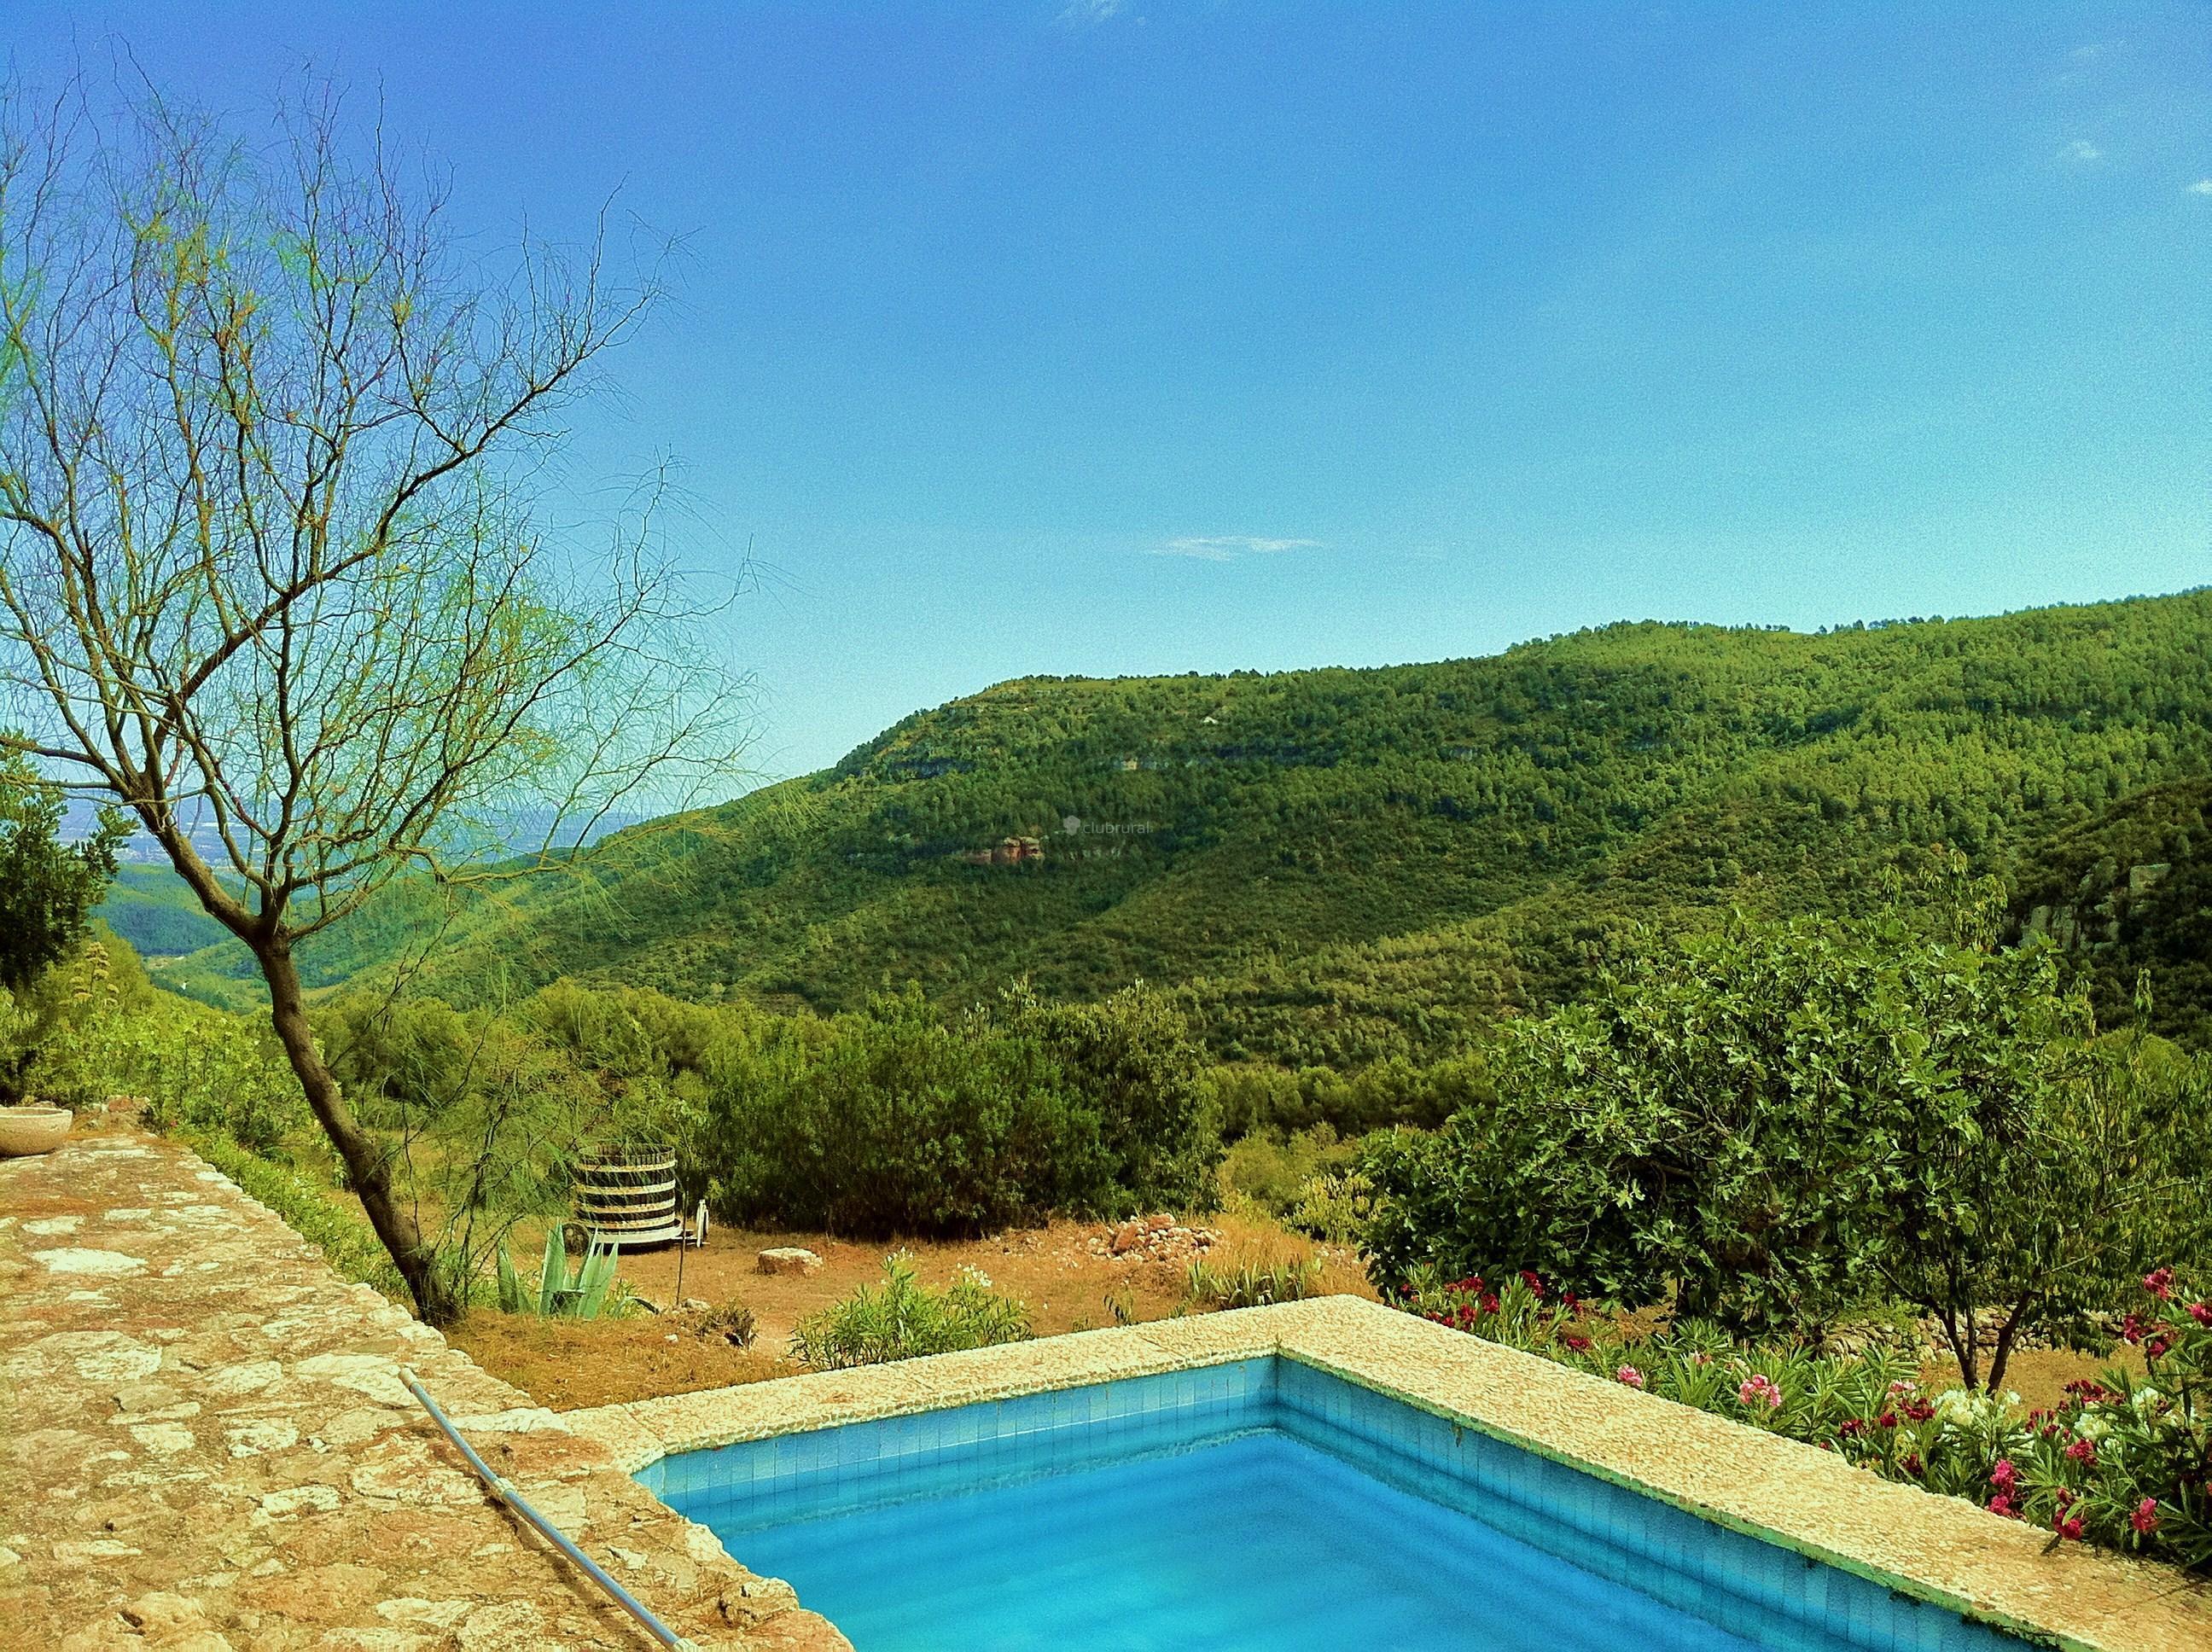 Fotos de mas de vilella tarragona alcover clubrural for Piscina alcover